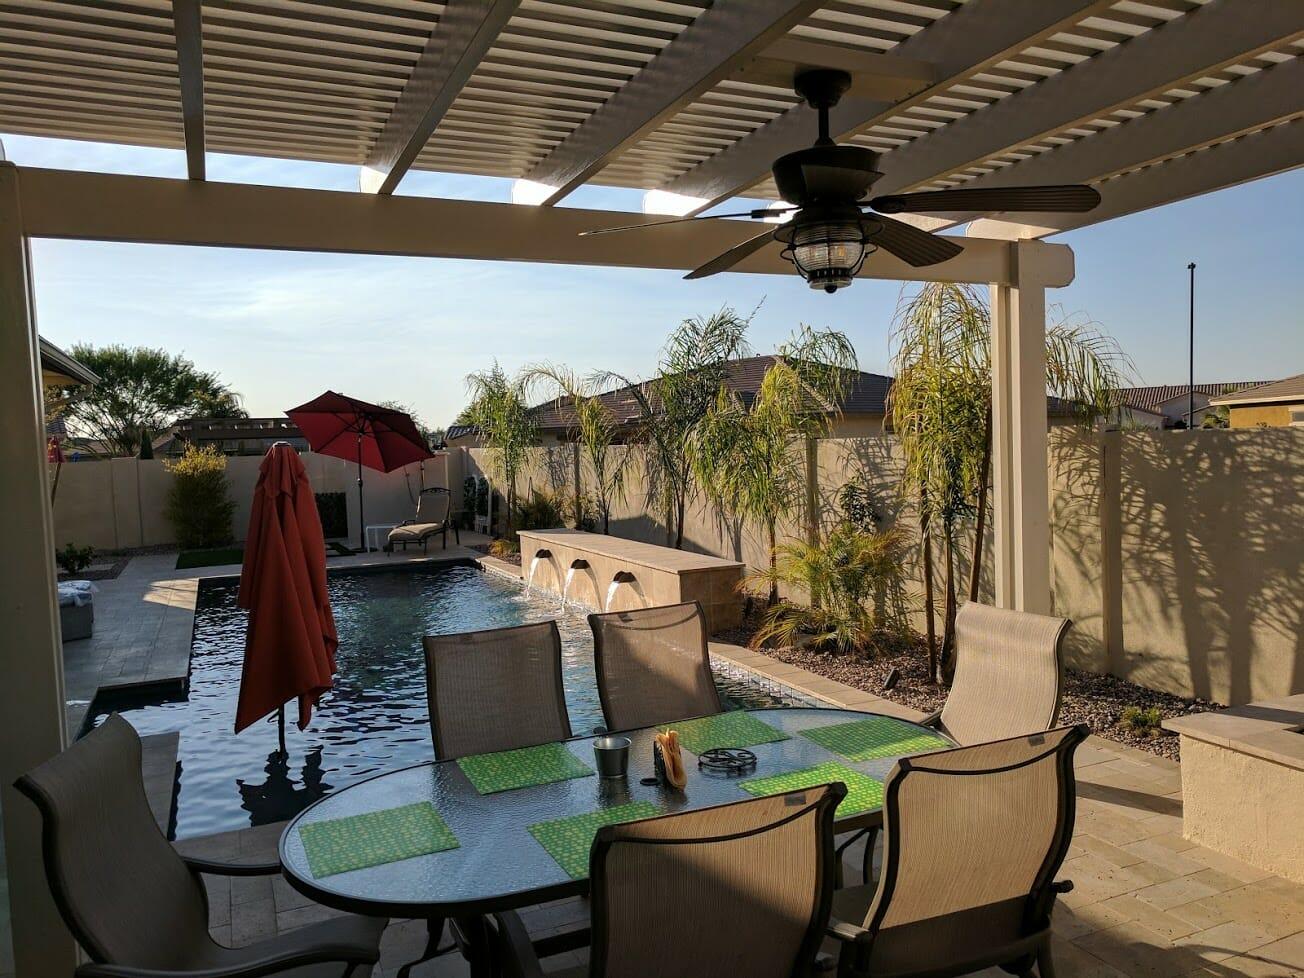 backyard environment u0026 shade structures gilbert az edgewater